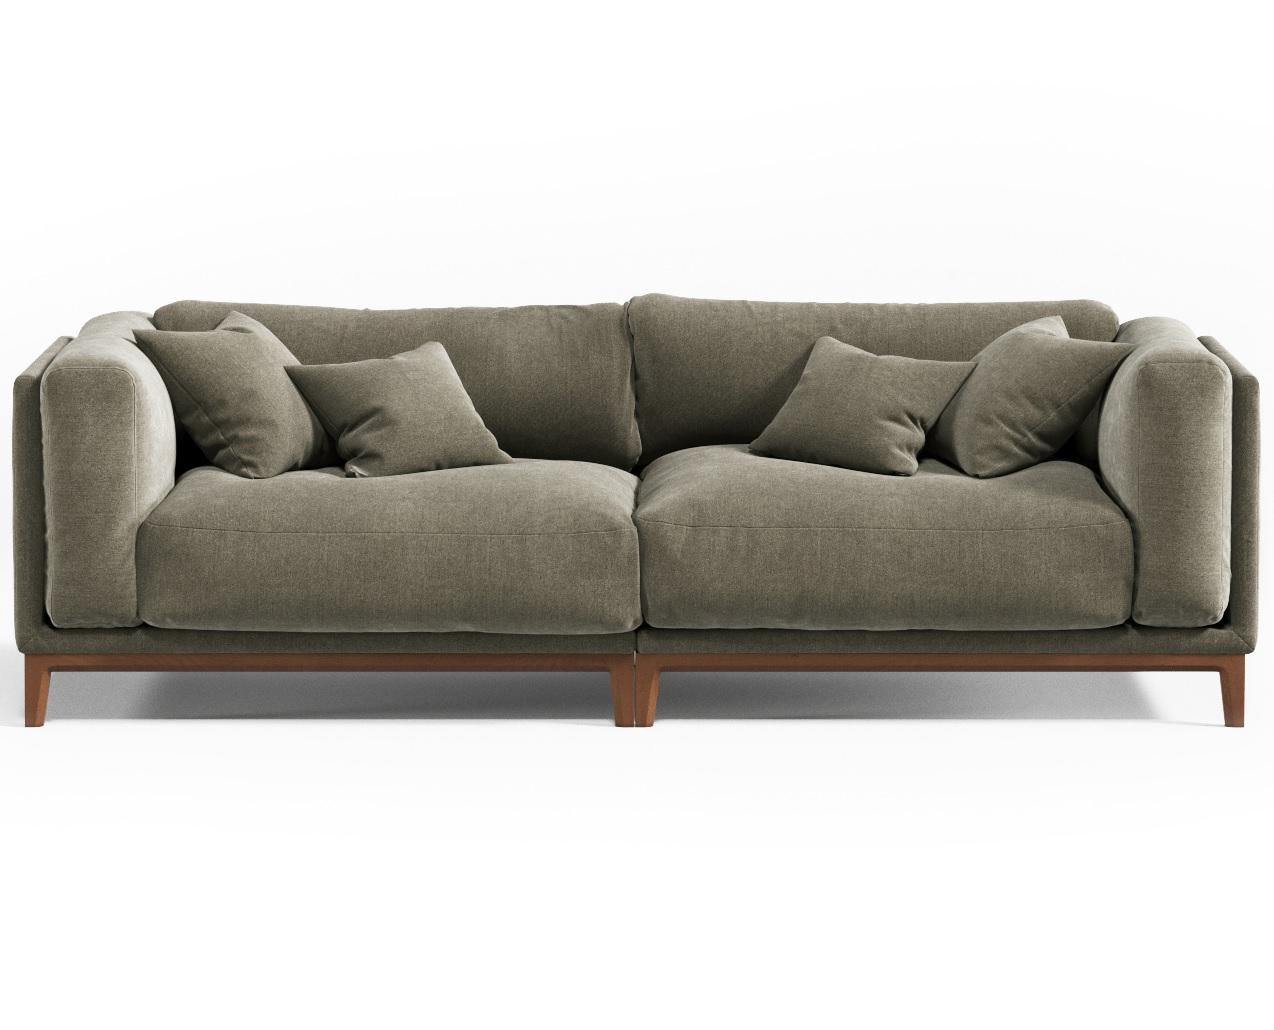 Диван Case 1Модульные диваны<br>&amp;lt;div&amp;gt;Эта модель трехместного дивана подойдет в любые помещения благодаря модульной конструкции, современному дизайну и эргономичному наполнителю. Объемные подушки из прорезиненного пенополиуретана нескольких степеней жесткости вместе с удобной глубокой посадкой создают необычайно комфортную зону отдыха и легко восстанавливают форму.&amp;lt;br&amp;gt;&amp;lt;/div&amp;gt;&amp;lt;div&amp;gt;&amp;lt;br&amp;gt;&amp;lt;/div&amp;gt;&amp;lt;div&amp;gt;Все чехлы съемные, их легко стирать. Диваны не имеют оборотной стороны и могут устанавливаться в центре помещения. В комплекте с диваном поставляются декоративные подушки.&amp;amp;nbsp;&amp;lt;div&amp;gt;Диван Case доступен к заказу в нескольких категориях ткани и с 5 вариантами тонировки ножек. Кроме того, возможен заказ дивана Case в индивидуальном размере и в собственной ткани.&amp;lt;/div&amp;gt;&amp;lt;div&amp;gt;Вы можете выбрать любой цвет обивки из палитры. В категории 1 цена без изменения. Категории 2 и 3 цена по запросу у менеджера.&amp;amp;nbsp;&amp;lt;div&amp;gt;Также возможны нестандартные варианты сочетания обивки и отделки дивана. Гарантия на изделия составляет 3 года.&amp;lt;/div&amp;gt;&amp;lt;/div&amp;gt;&amp;lt;/div&amp;gt;<br><br>Material: Текстиль<br>Ширина см: 248<br>Высота см: 80<br>Глубина см: 94